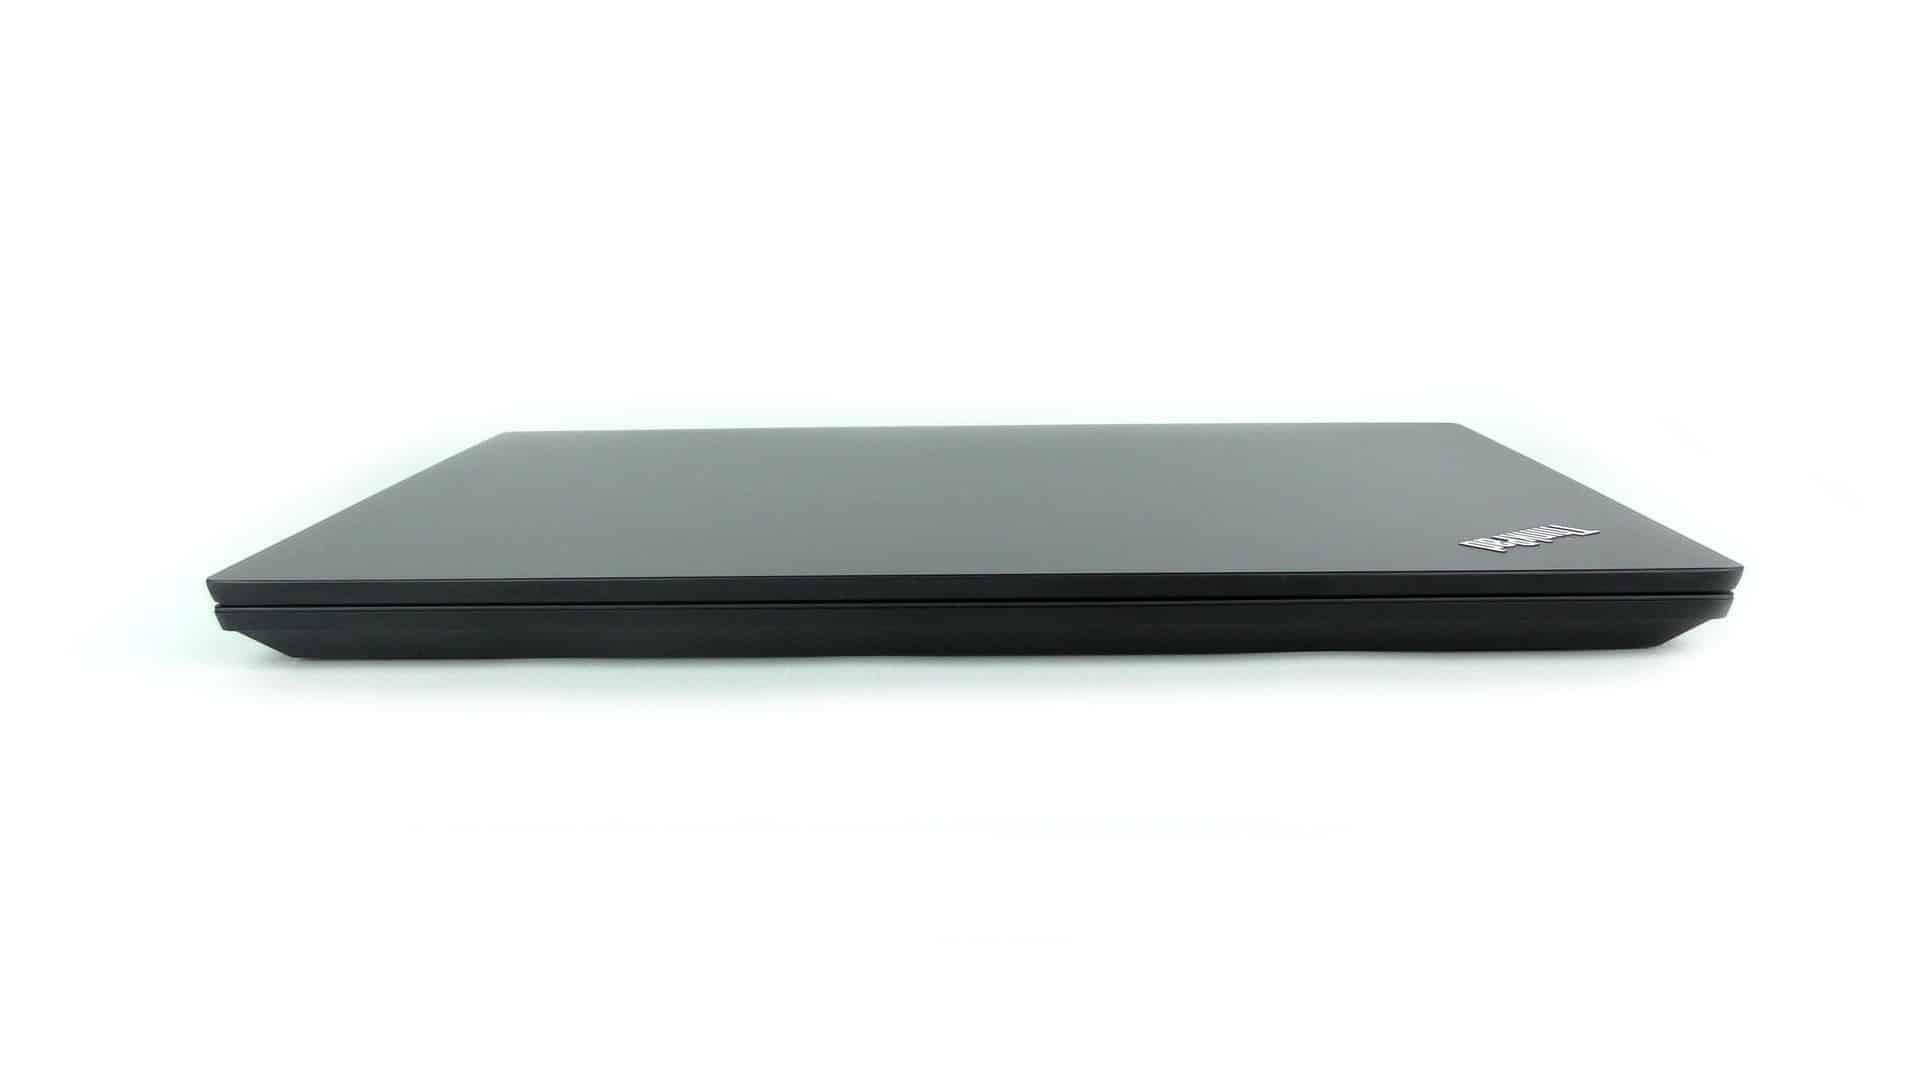 Lenovo ThinkPad E480 - front notebooka